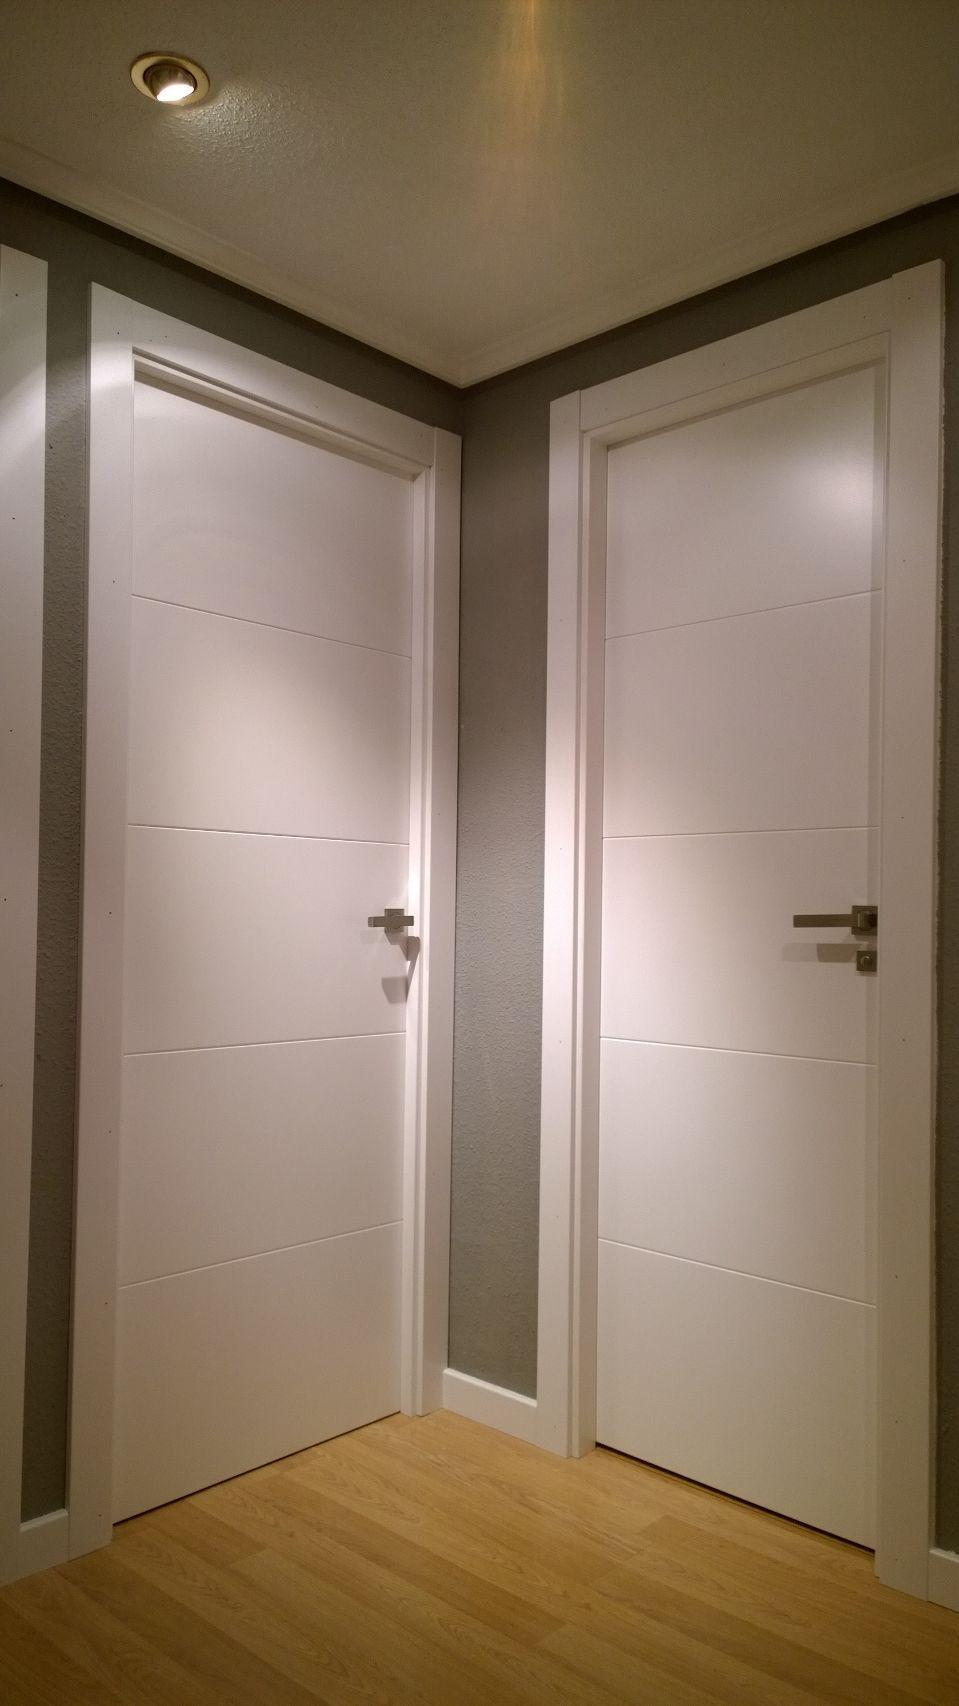 puerta lacada ranuras en horizontal. mod 9005 de puertas sanrafael